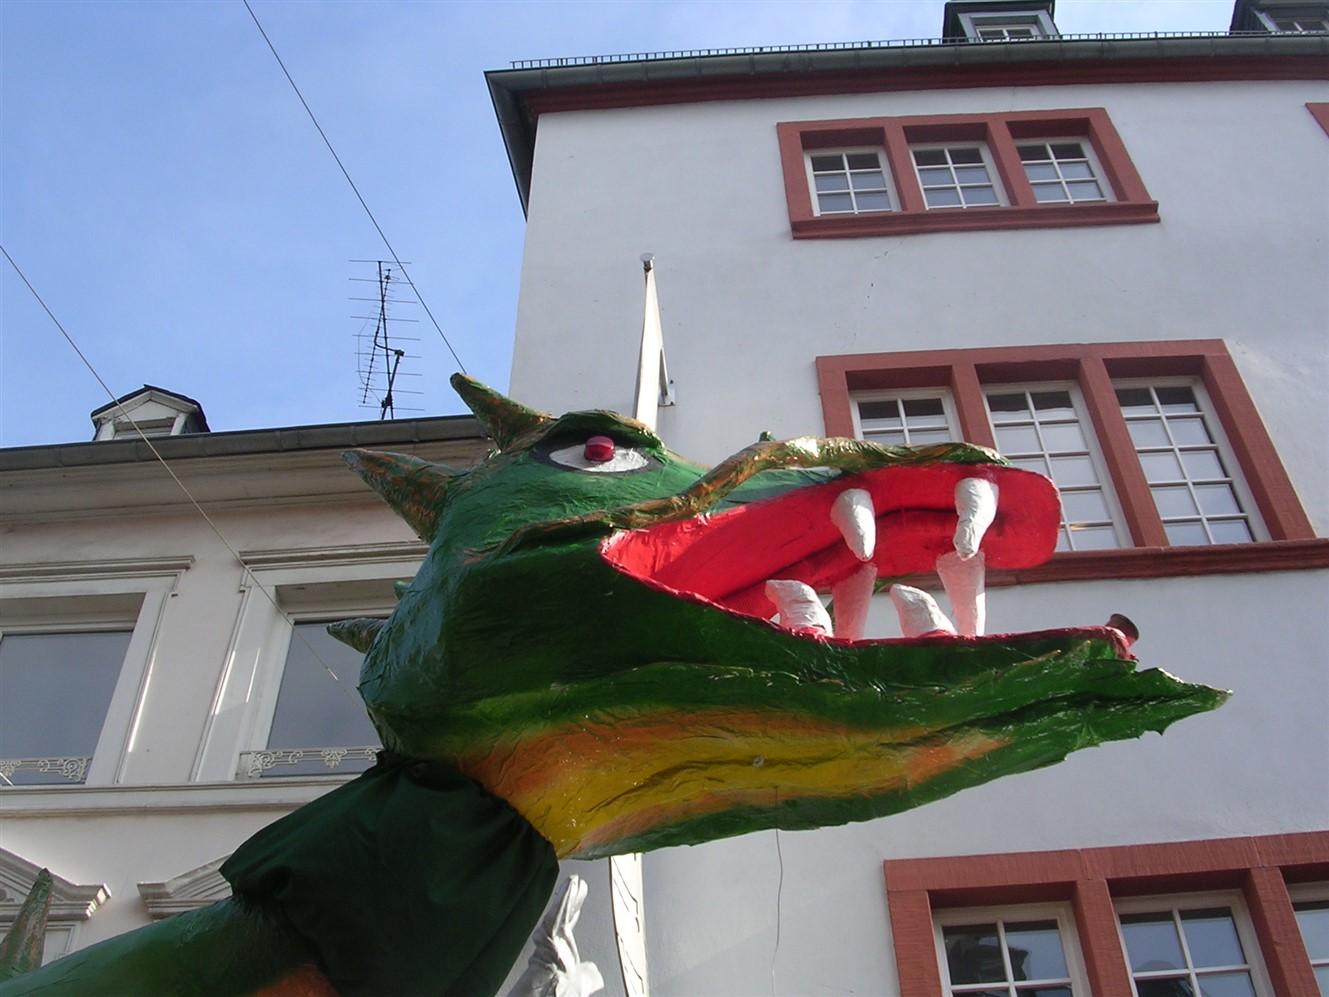 2006 02 27 Trier Germany Rosenmontagszug 68.jpg